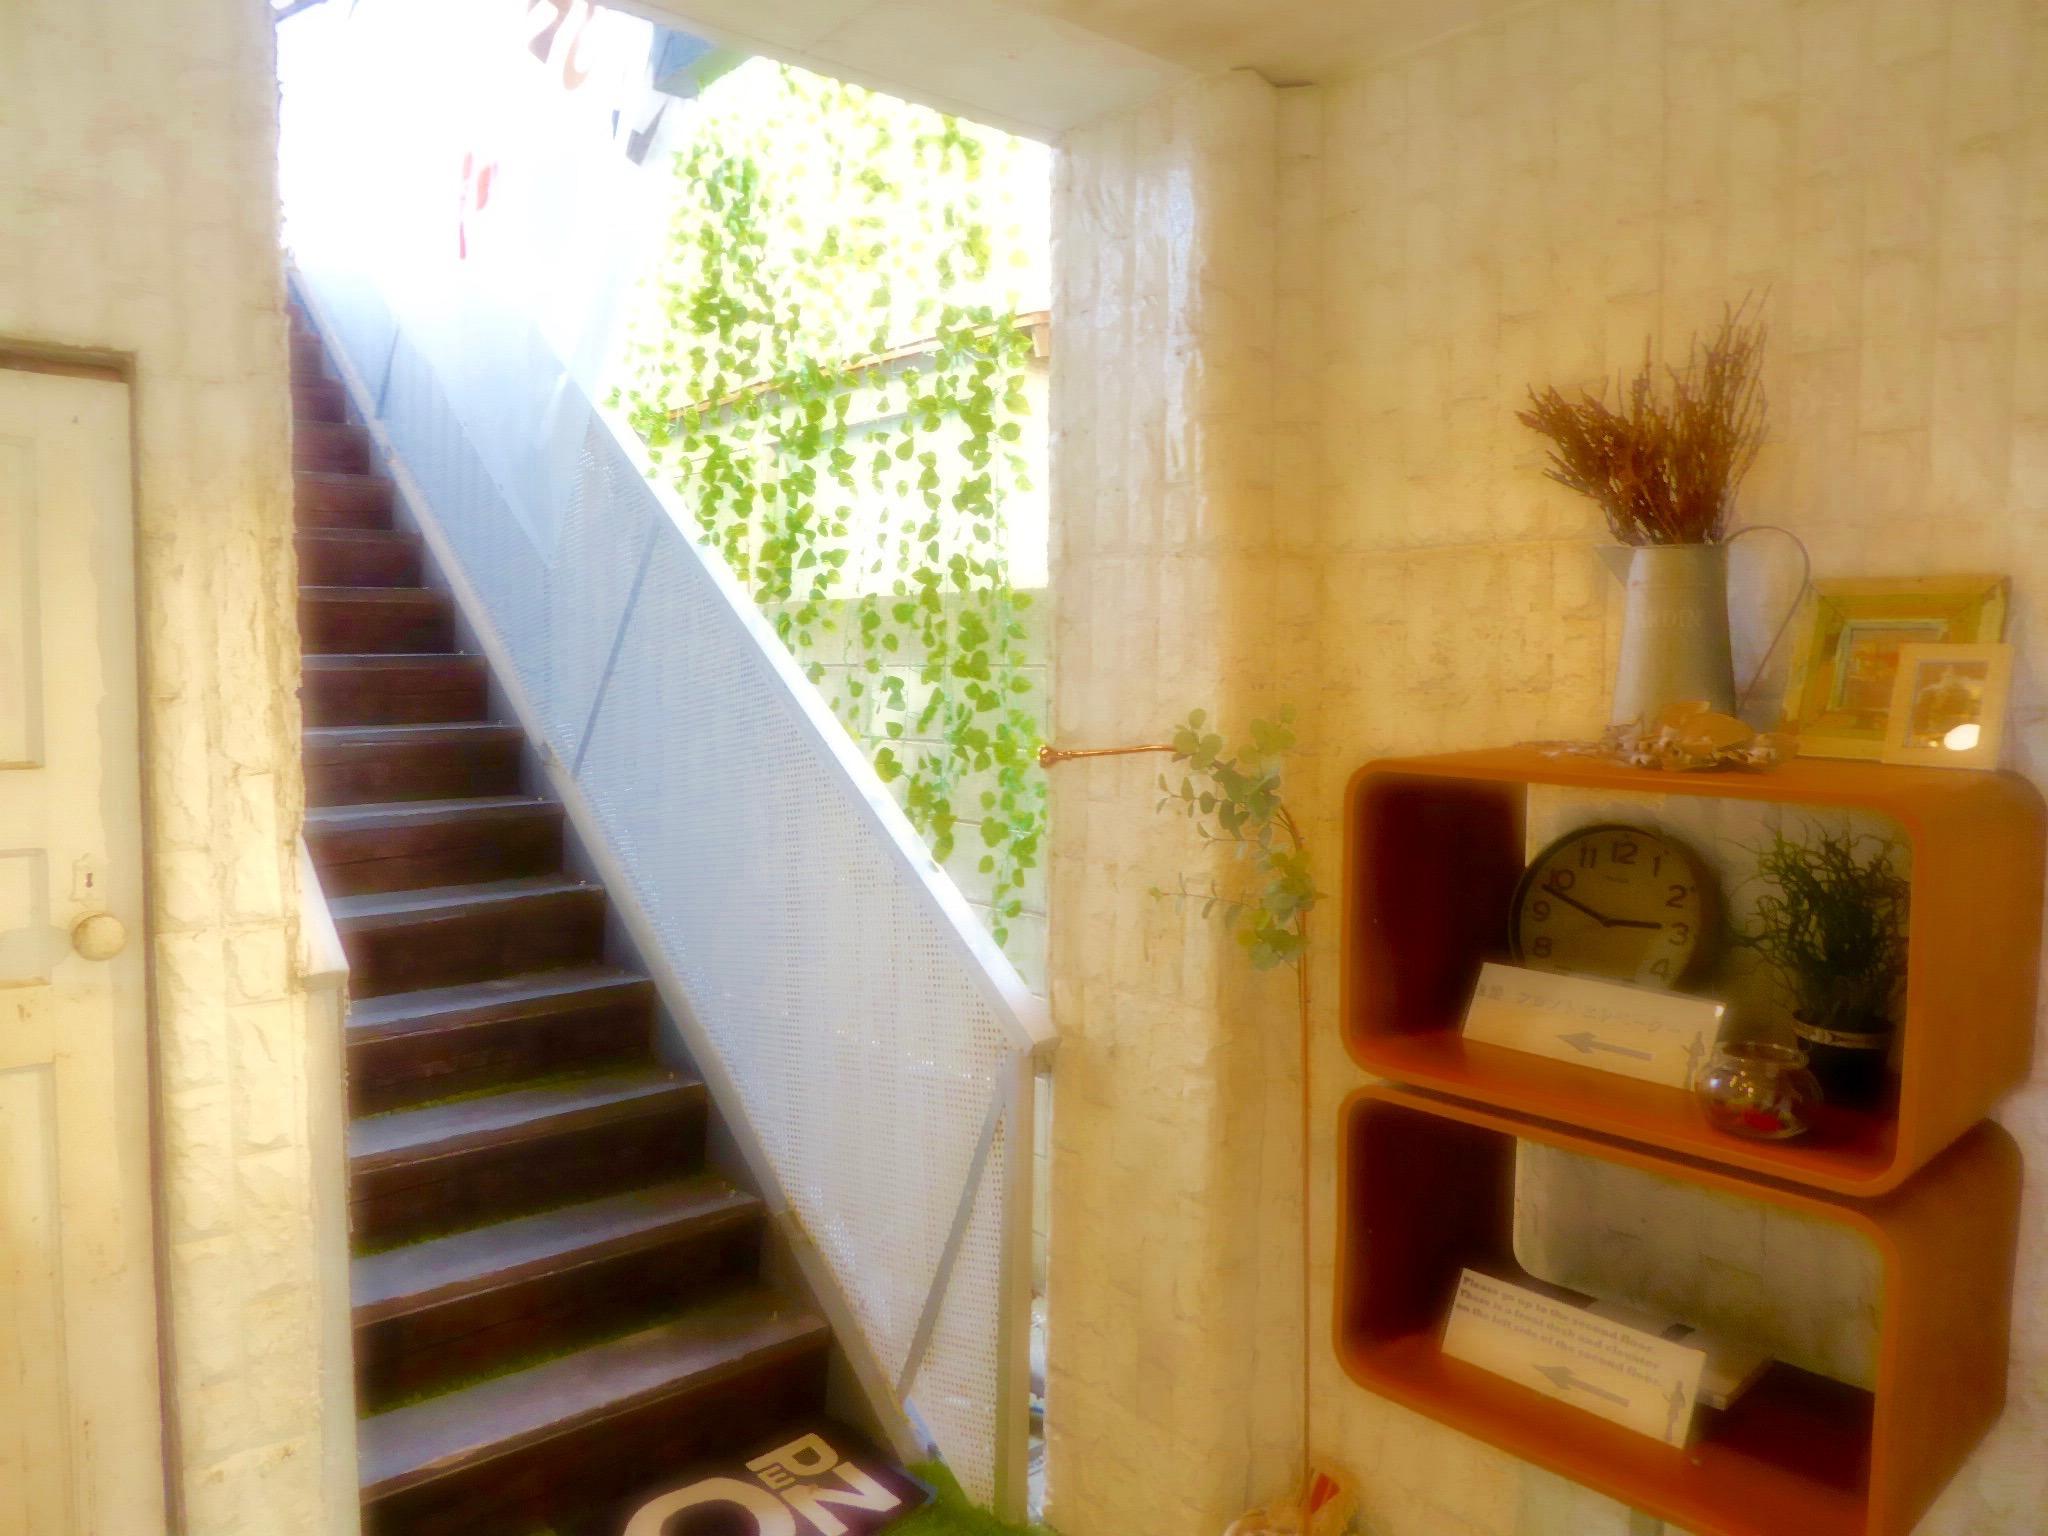 太宰府駅徒歩2分!観光にアクセス最高のアパートメントホテル!無料駐車場有!No6